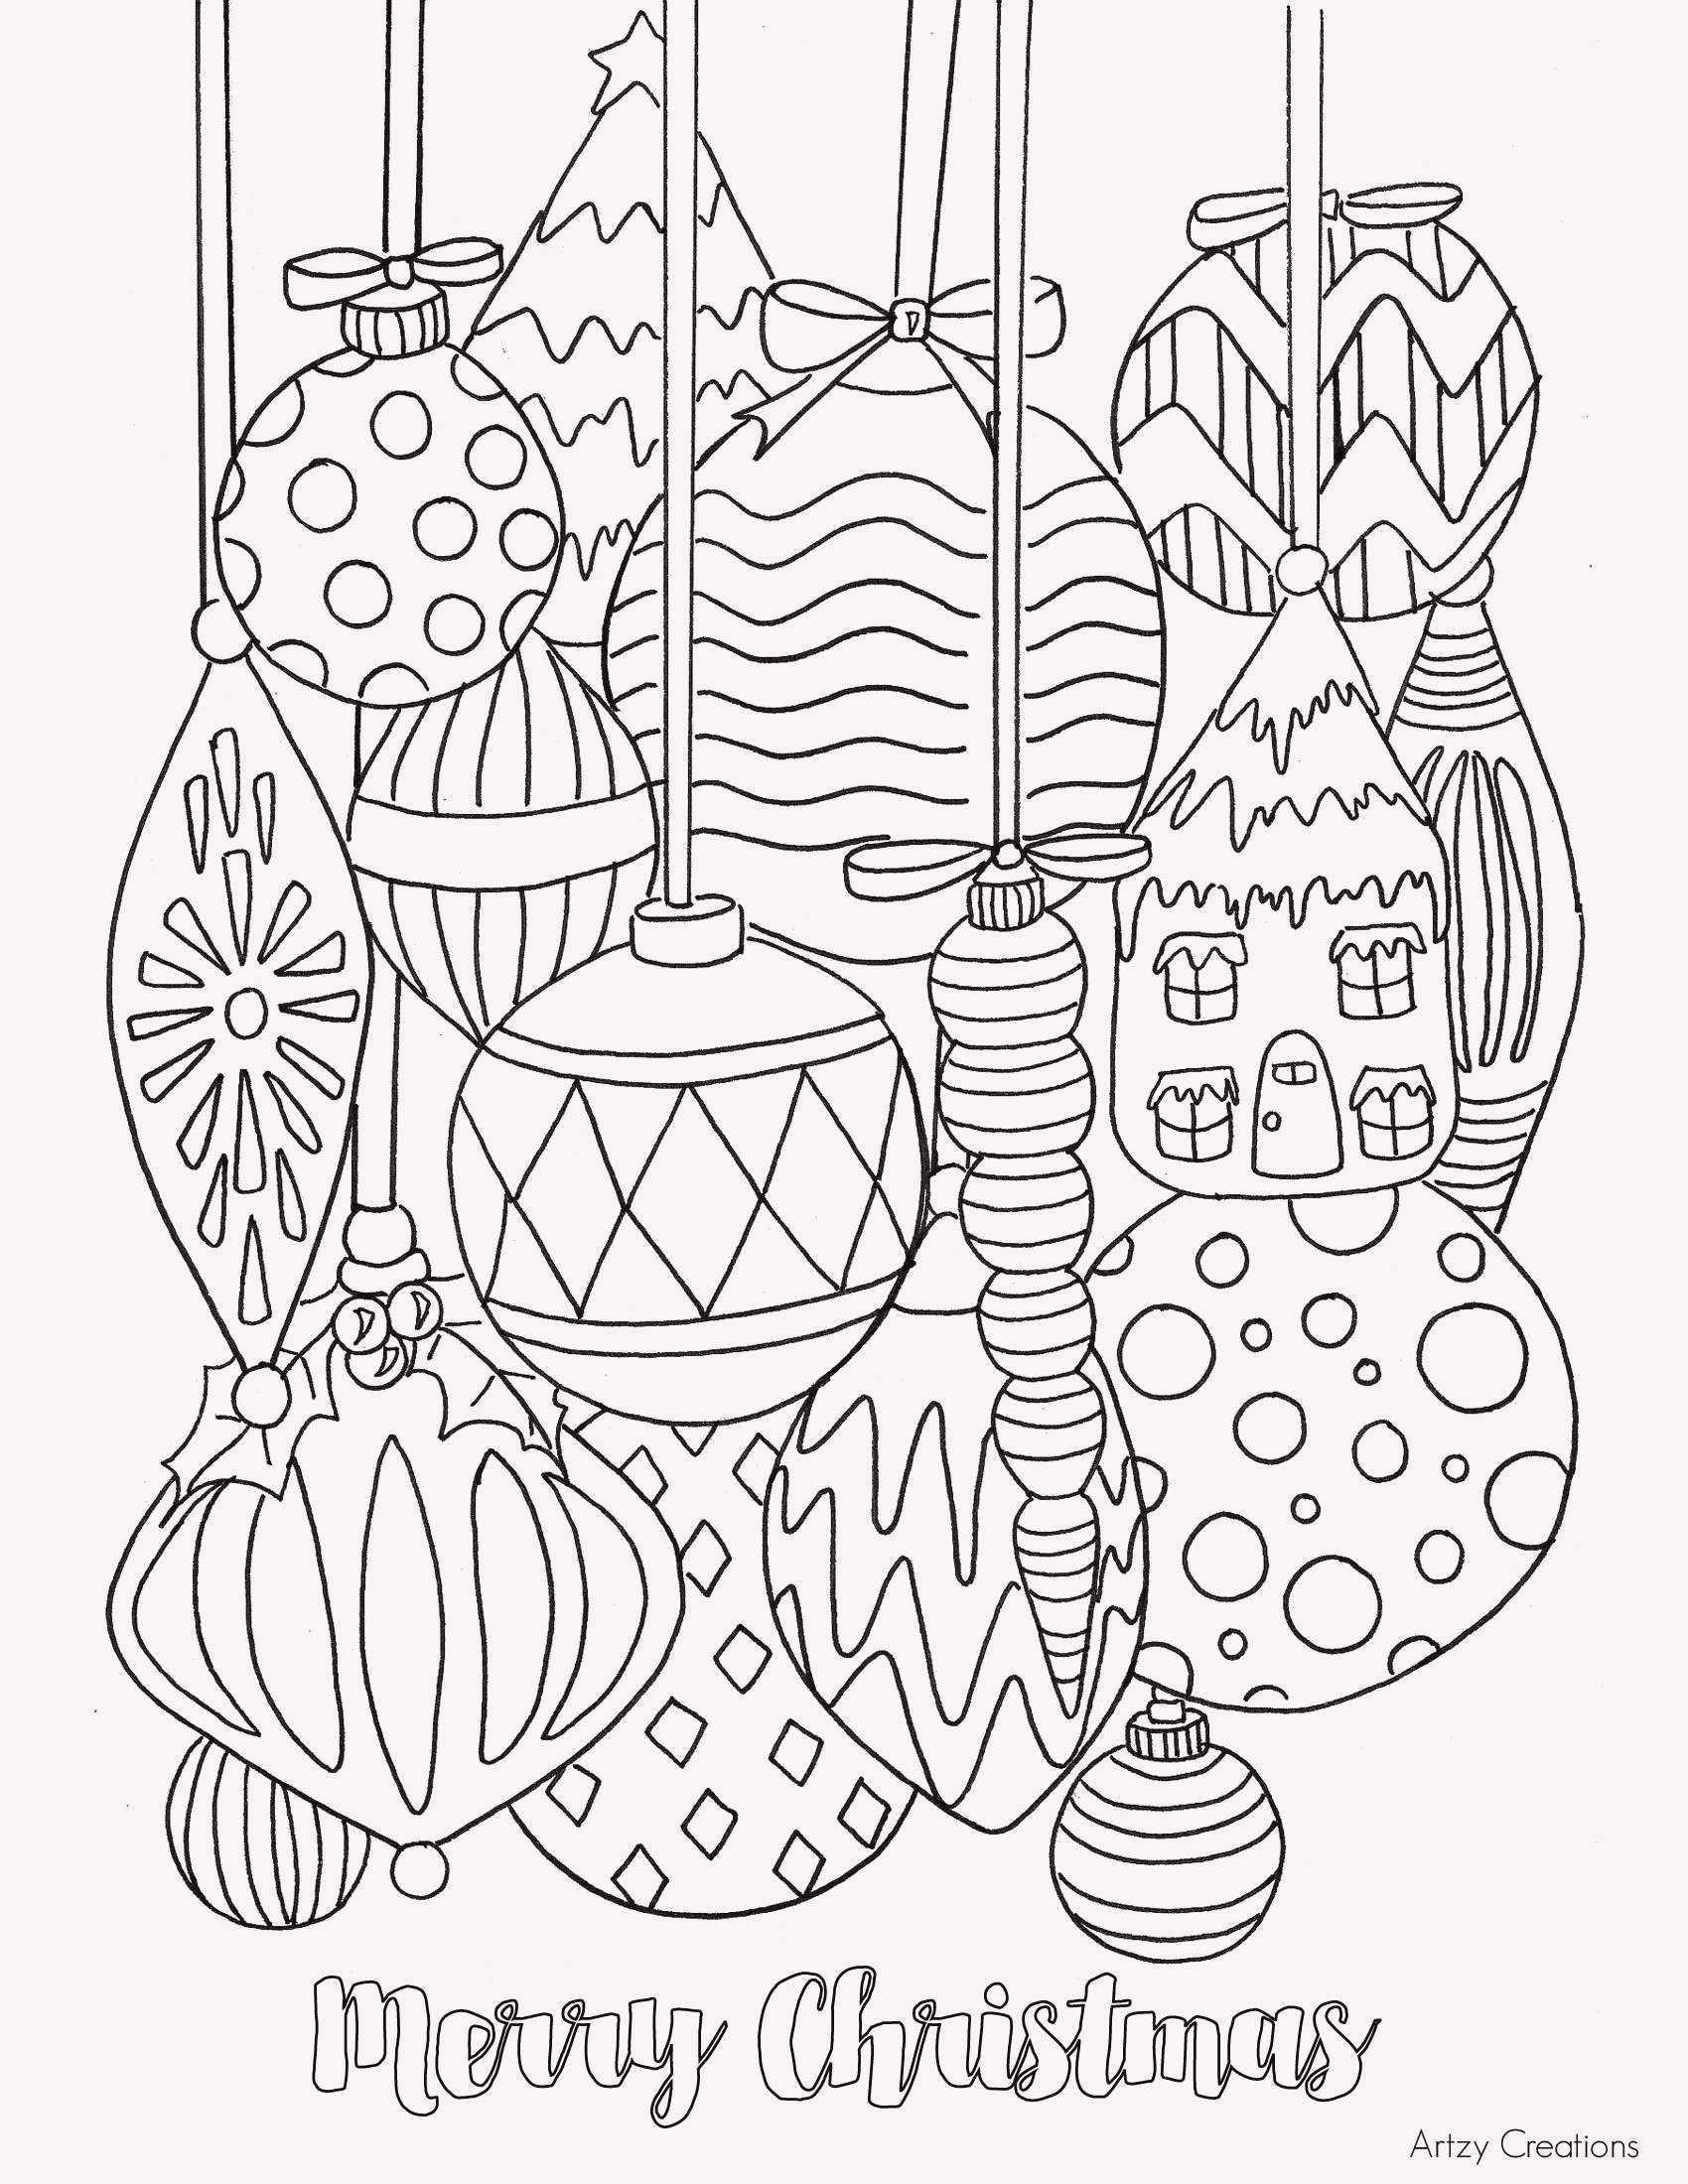 Ausmalbilder Weihnachten Baum Einzigartig Ausmalbilder Kleinkinder 48 Elegant Bastelideen Kinder Bild Sammlung